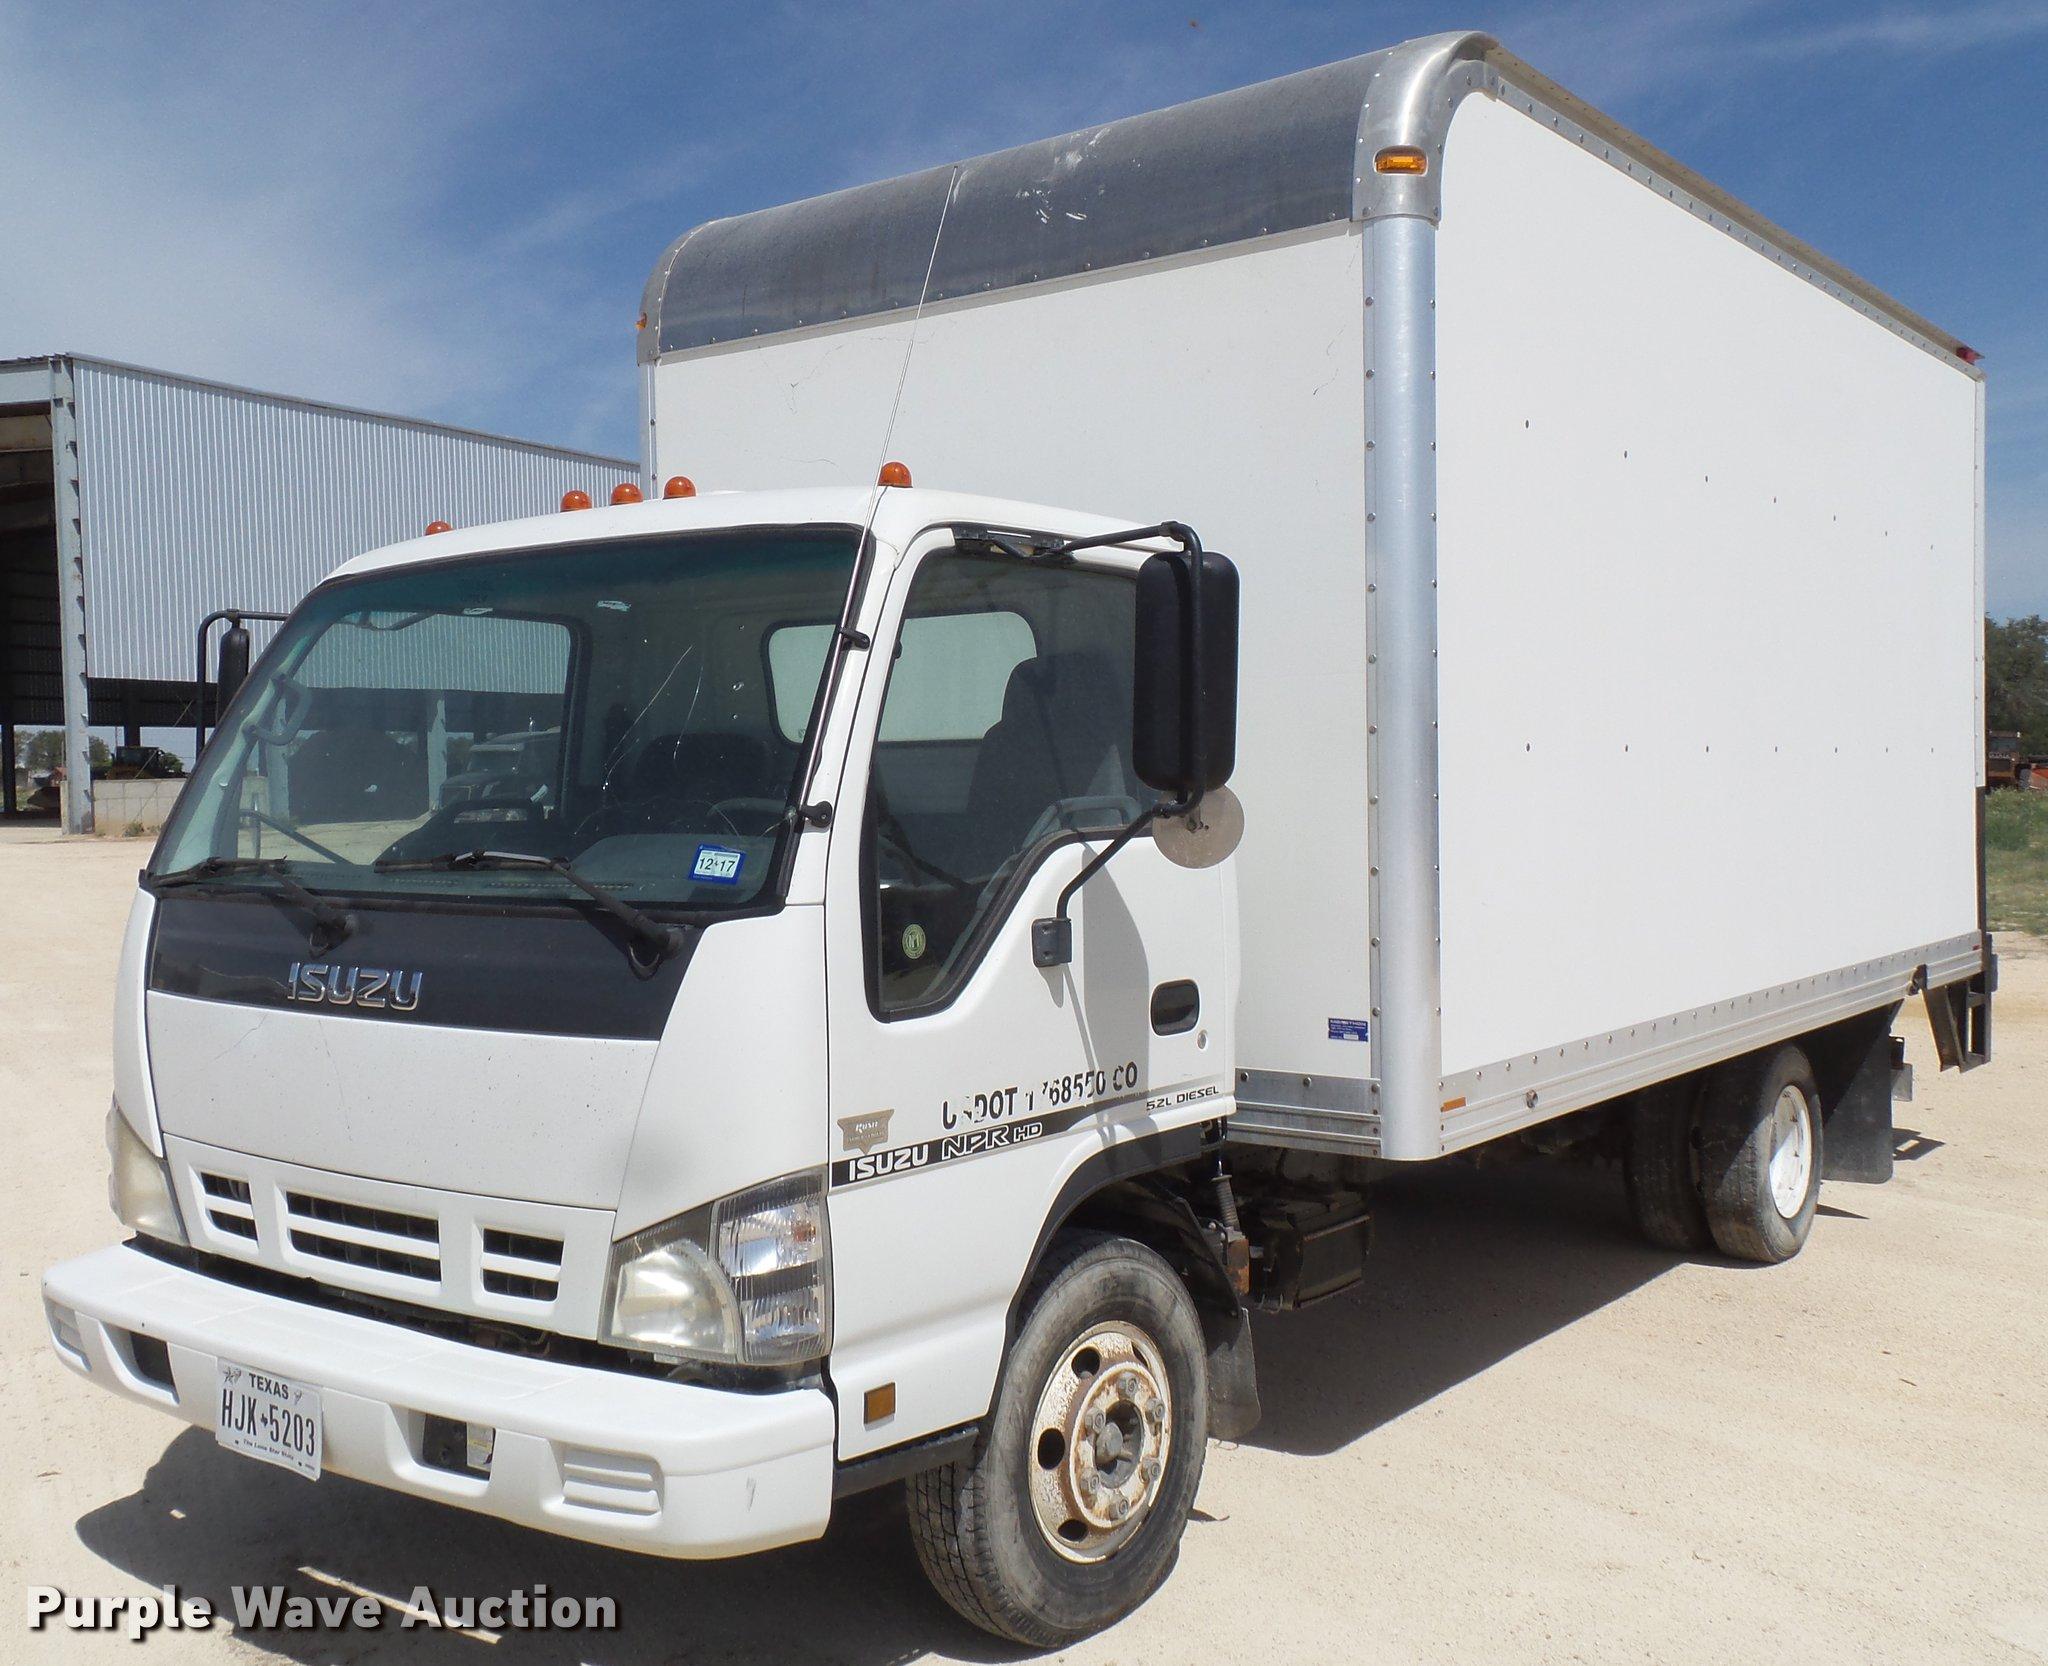 d5f5073c289d04 2006 Isuzu NPR box truck for sale in Texas